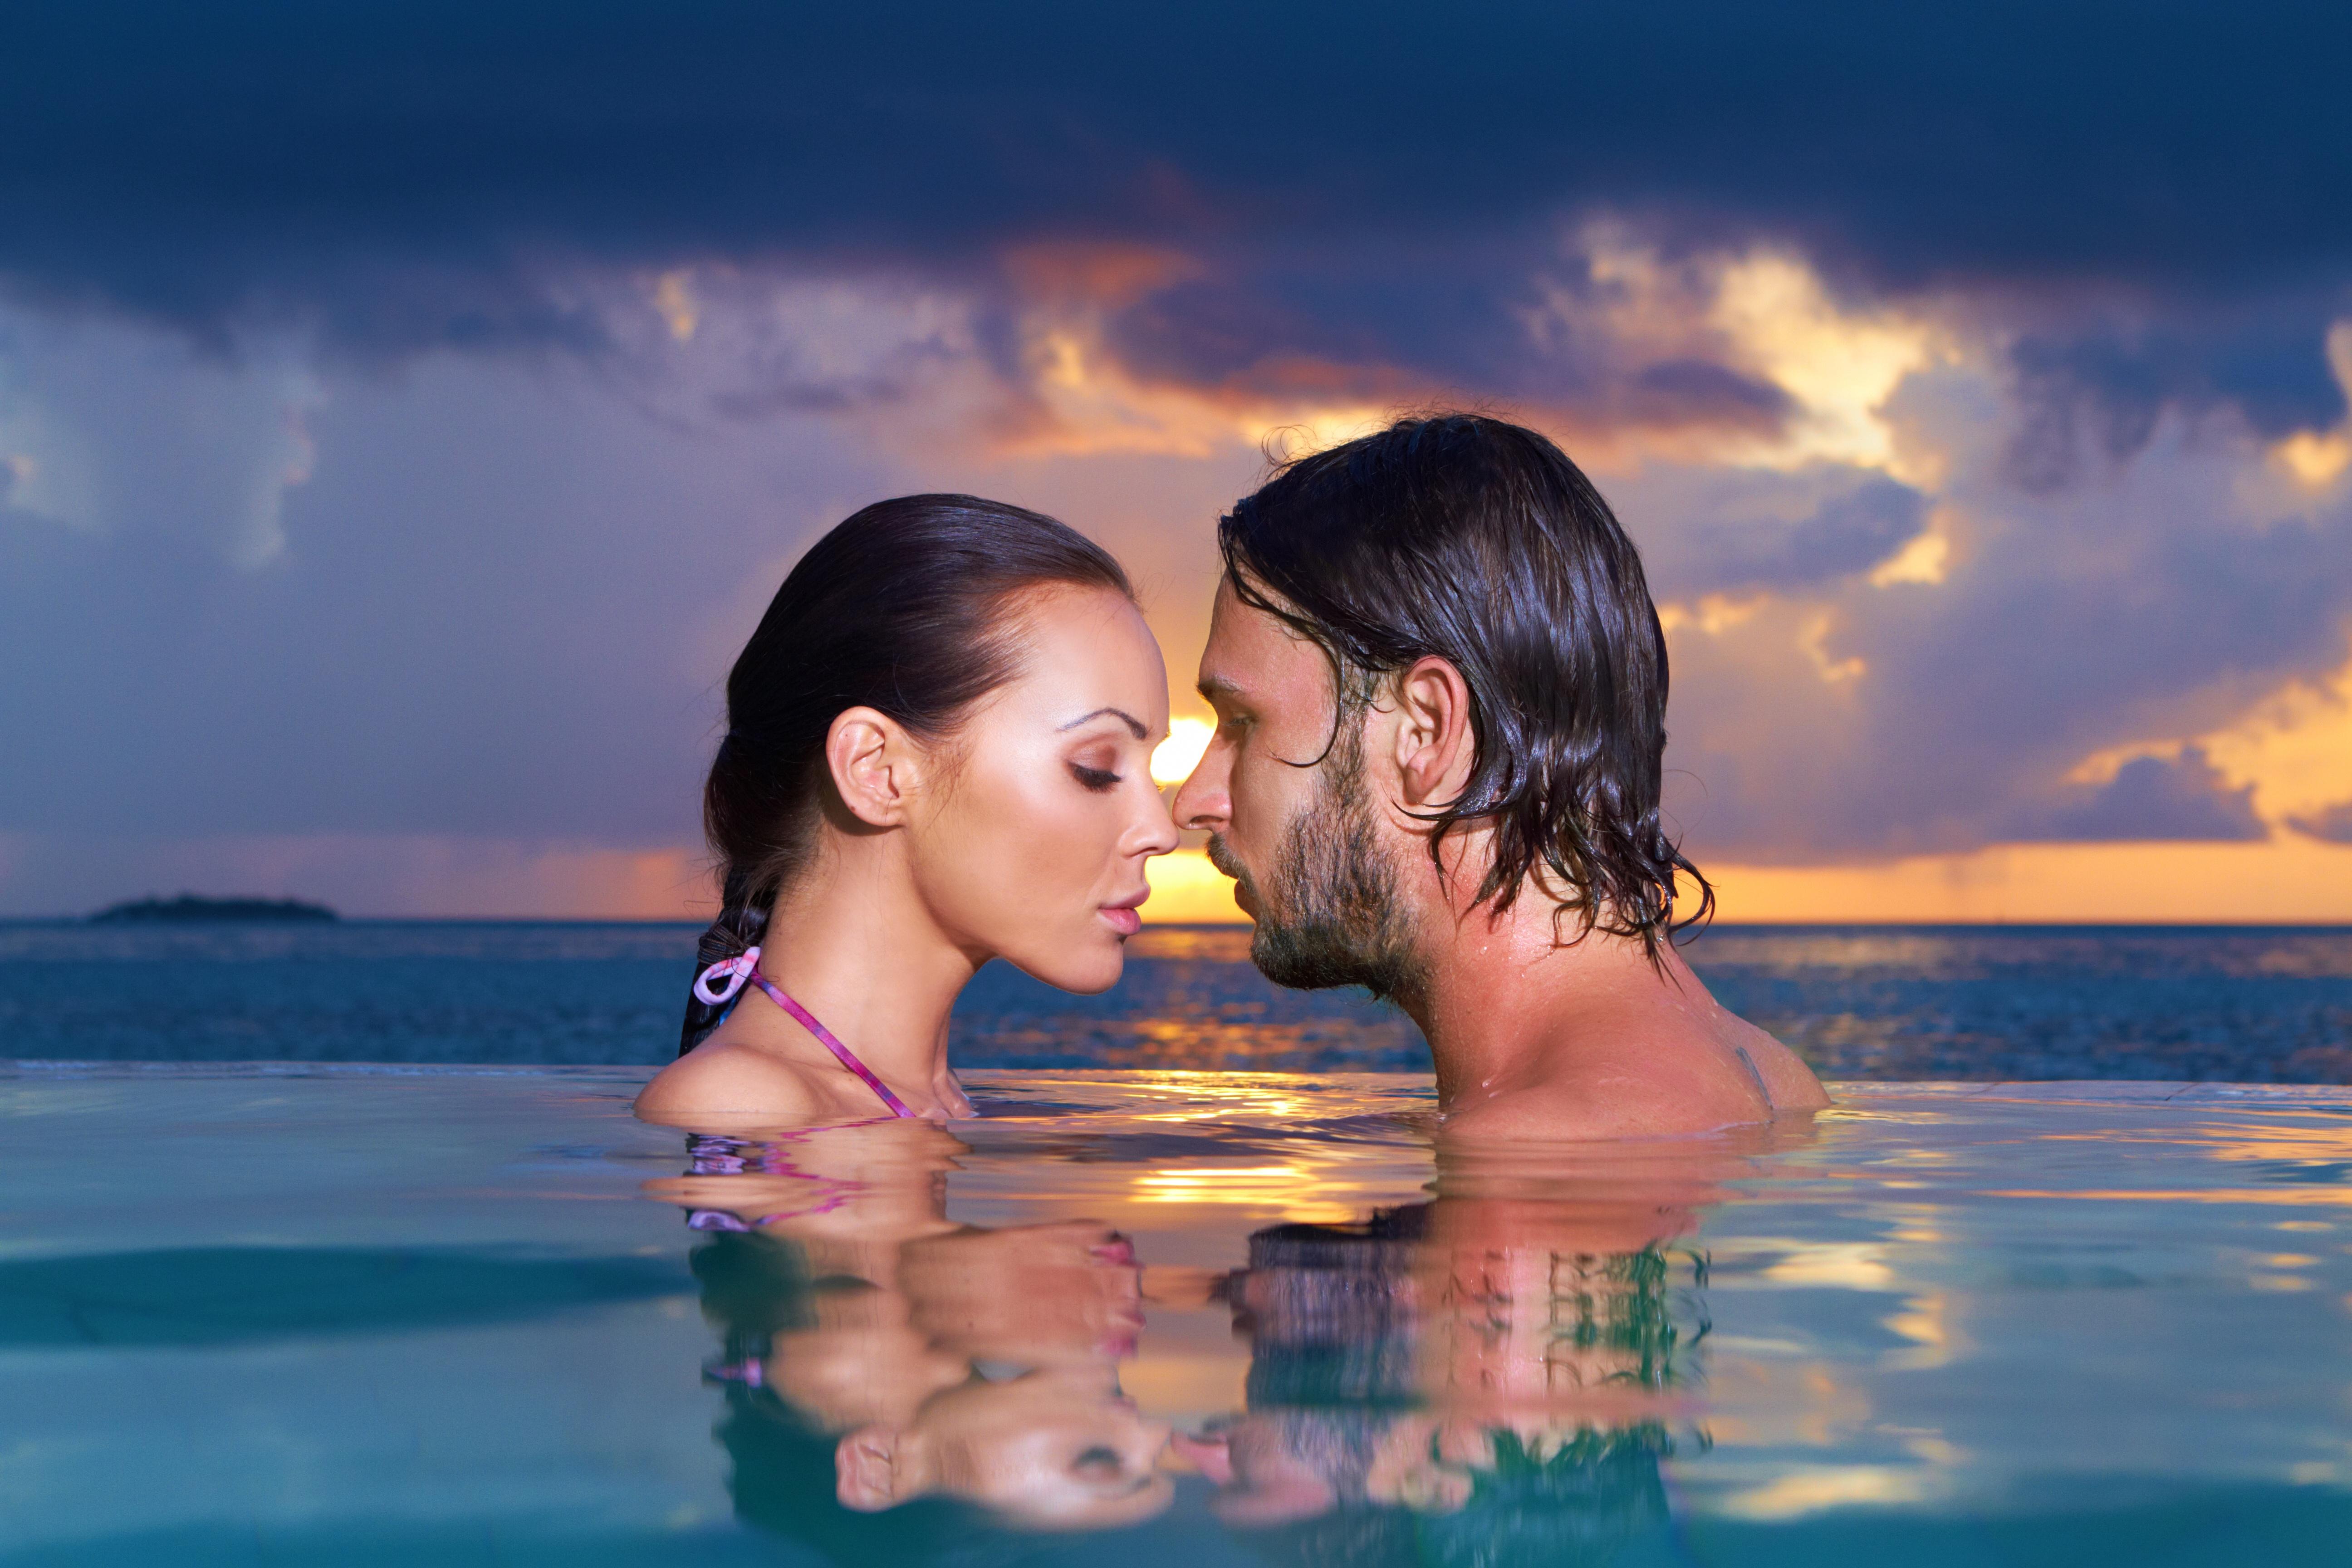 Картинка о романтике мужчины и женщины, надписями